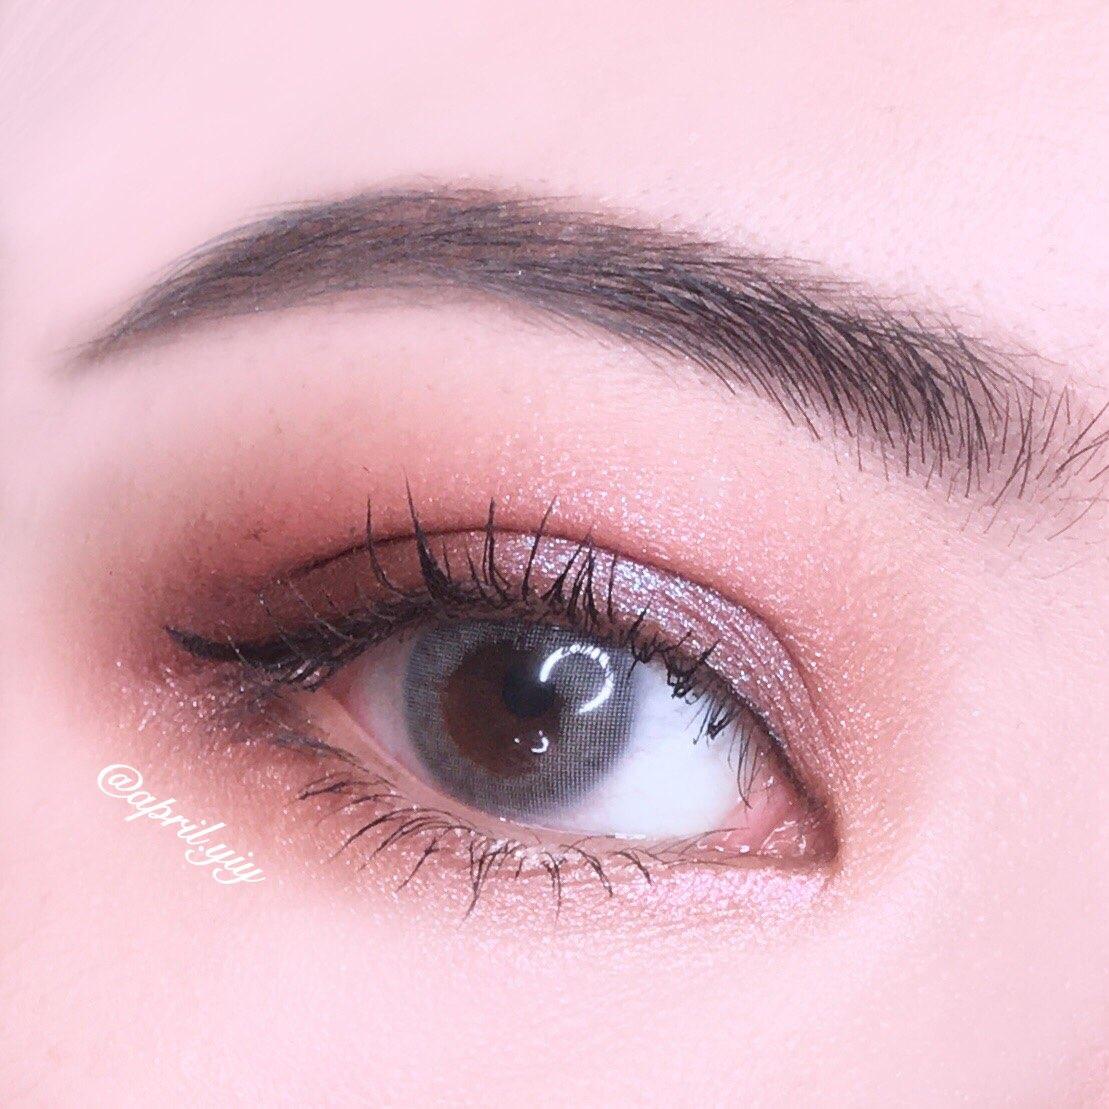 首先,眼妝的部分,我選擇用咖啡色作為眼窩的打底色,在用灰紫色的偏光眼影打亮眼皮中央的位置,偏光的眼影可以讓整個眼妝看起來更為立體,且隨者不同的角度眼妝呈現的色澤也會跟著改變,這樣會讓人更加focus在你的眼妝上,因為這個妝容就是用眼神來吸引人呀!